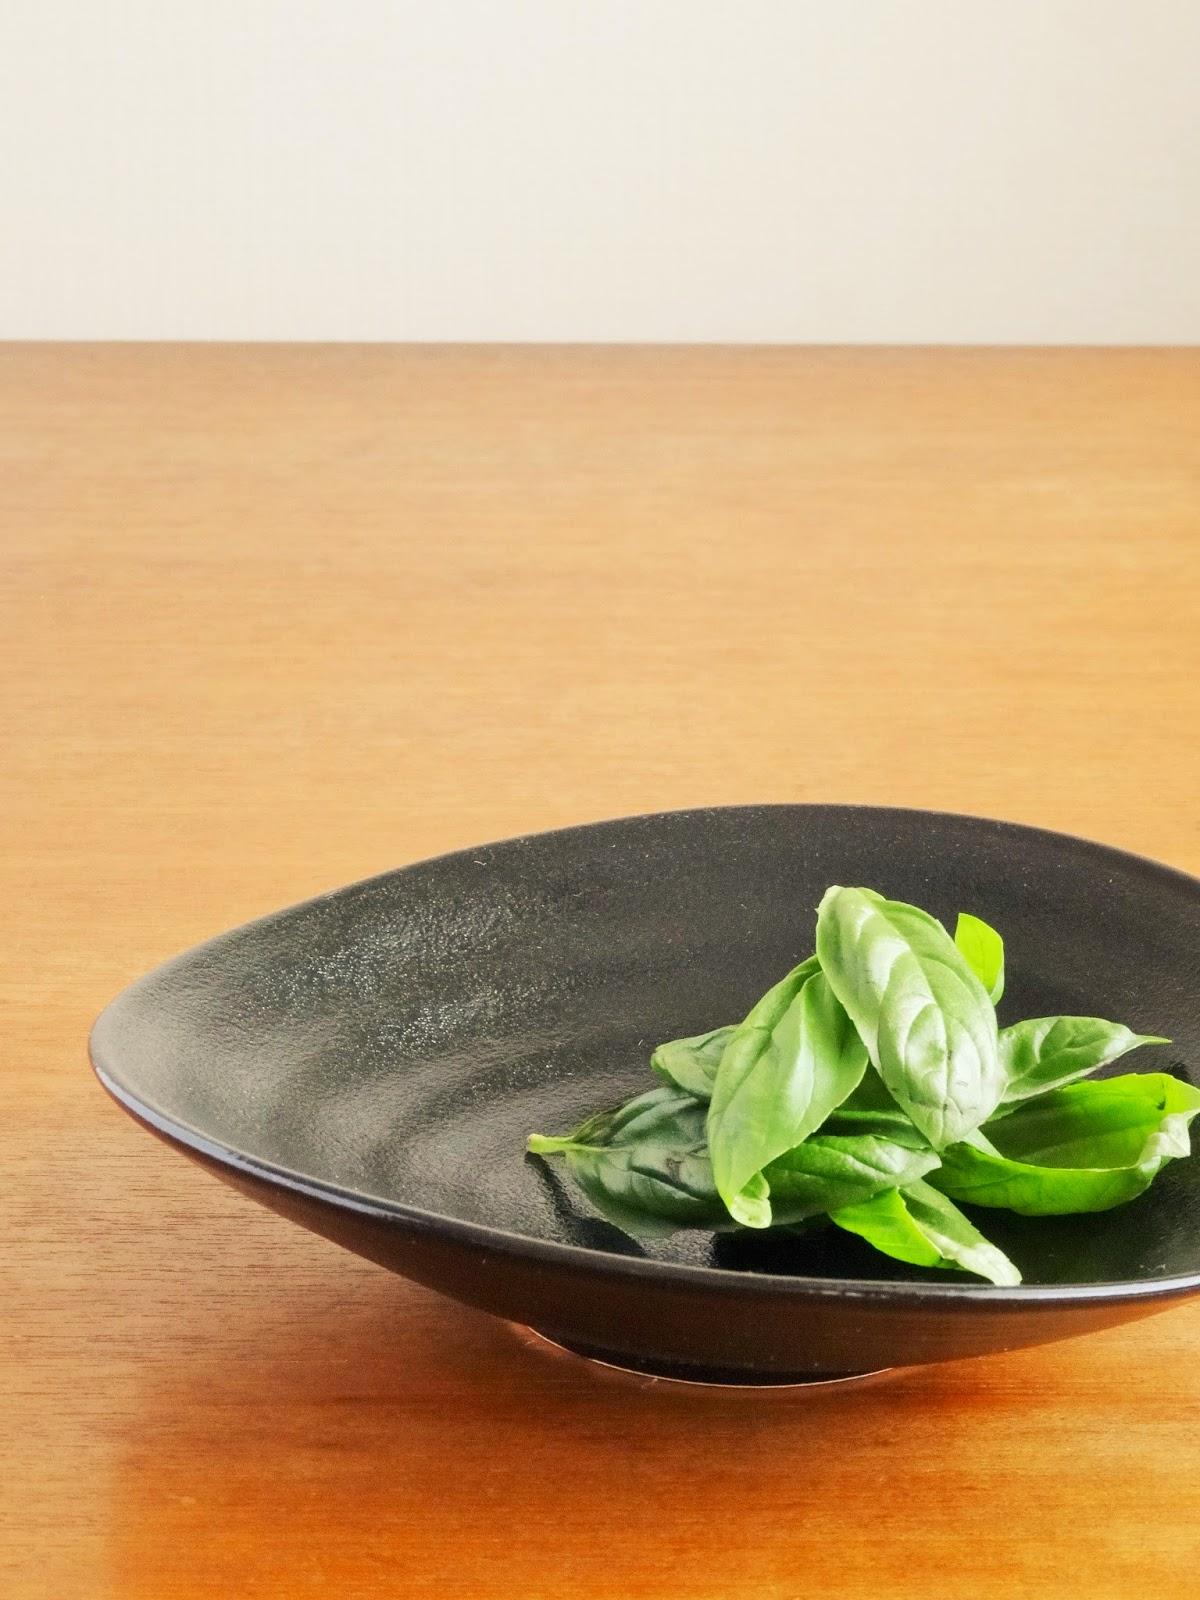 sch nes geschirr sch nes essen japan ein sch nes land. Black Bedroom Furniture Sets. Home Design Ideas